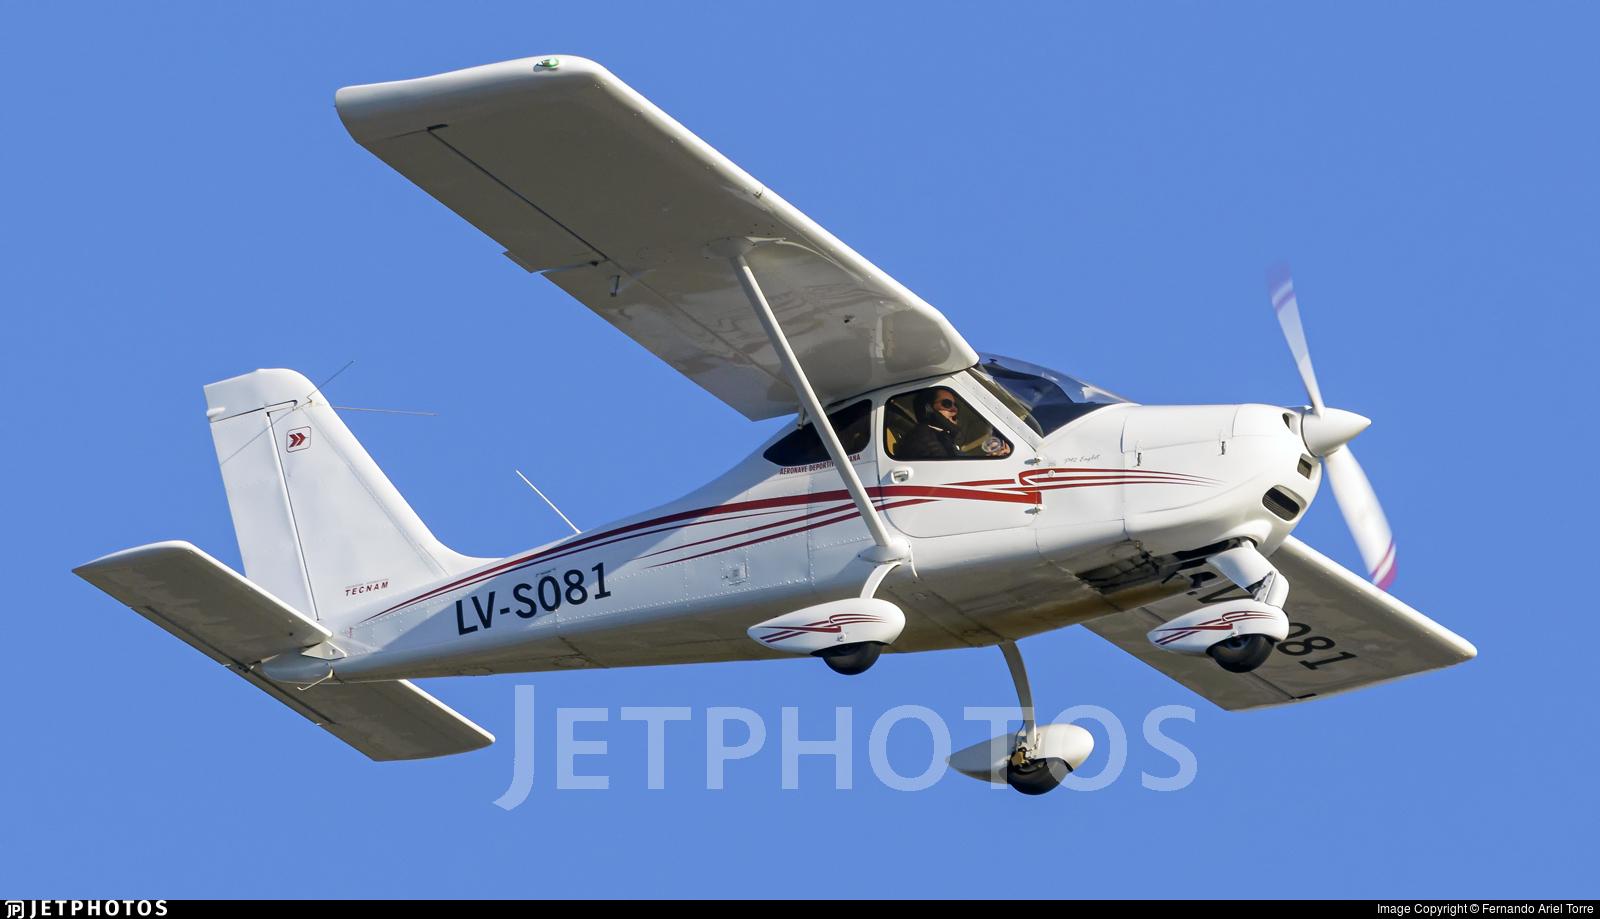 LV-S081 - Tecnam P92 Eaglet DL - Private